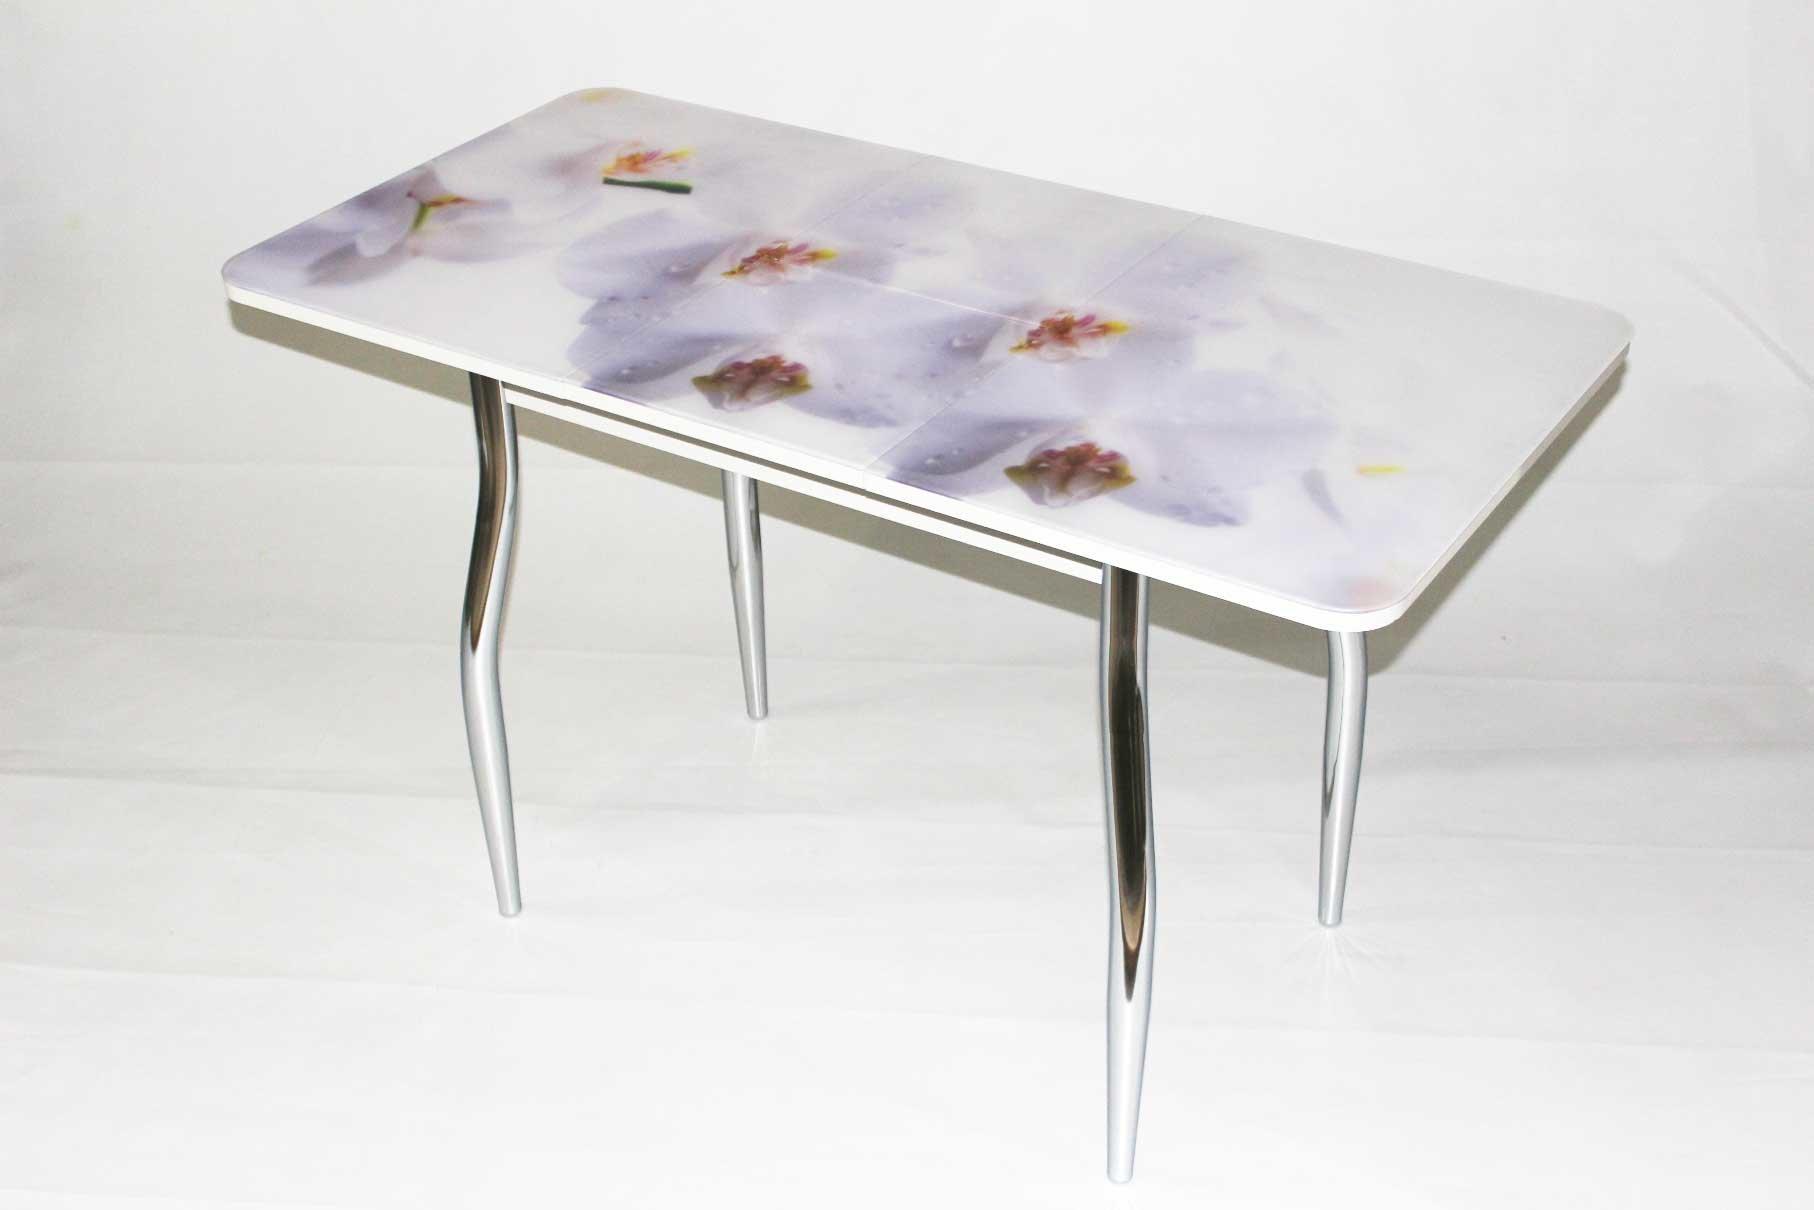 сортами тула столы с фотопечатью меланом